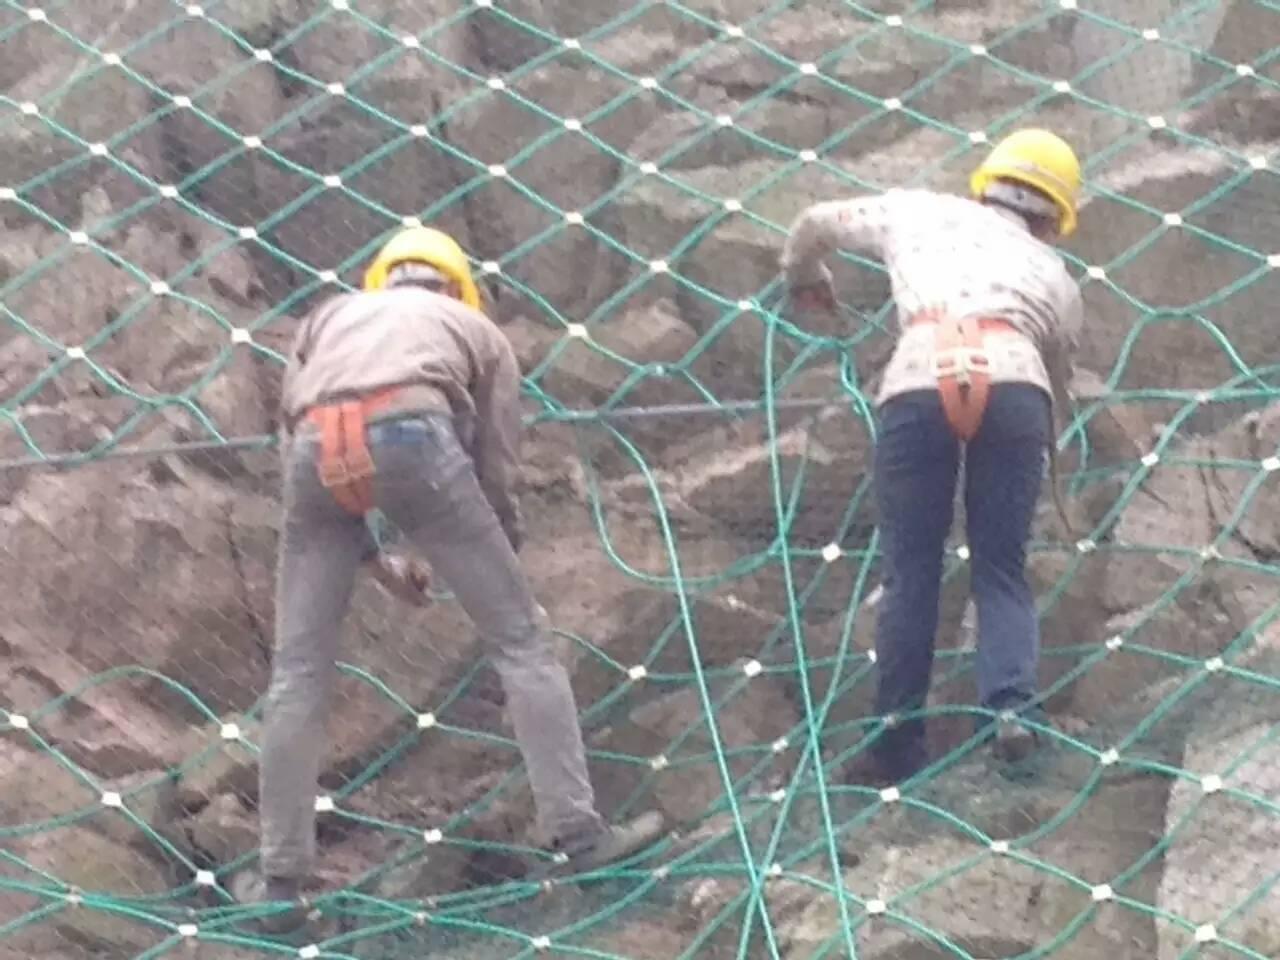 被动防护网 cx型被动防护网 250kj被动防护网 被动防护网供应商 被动防护网生产厂家找河北臣运丝网制造有限公司